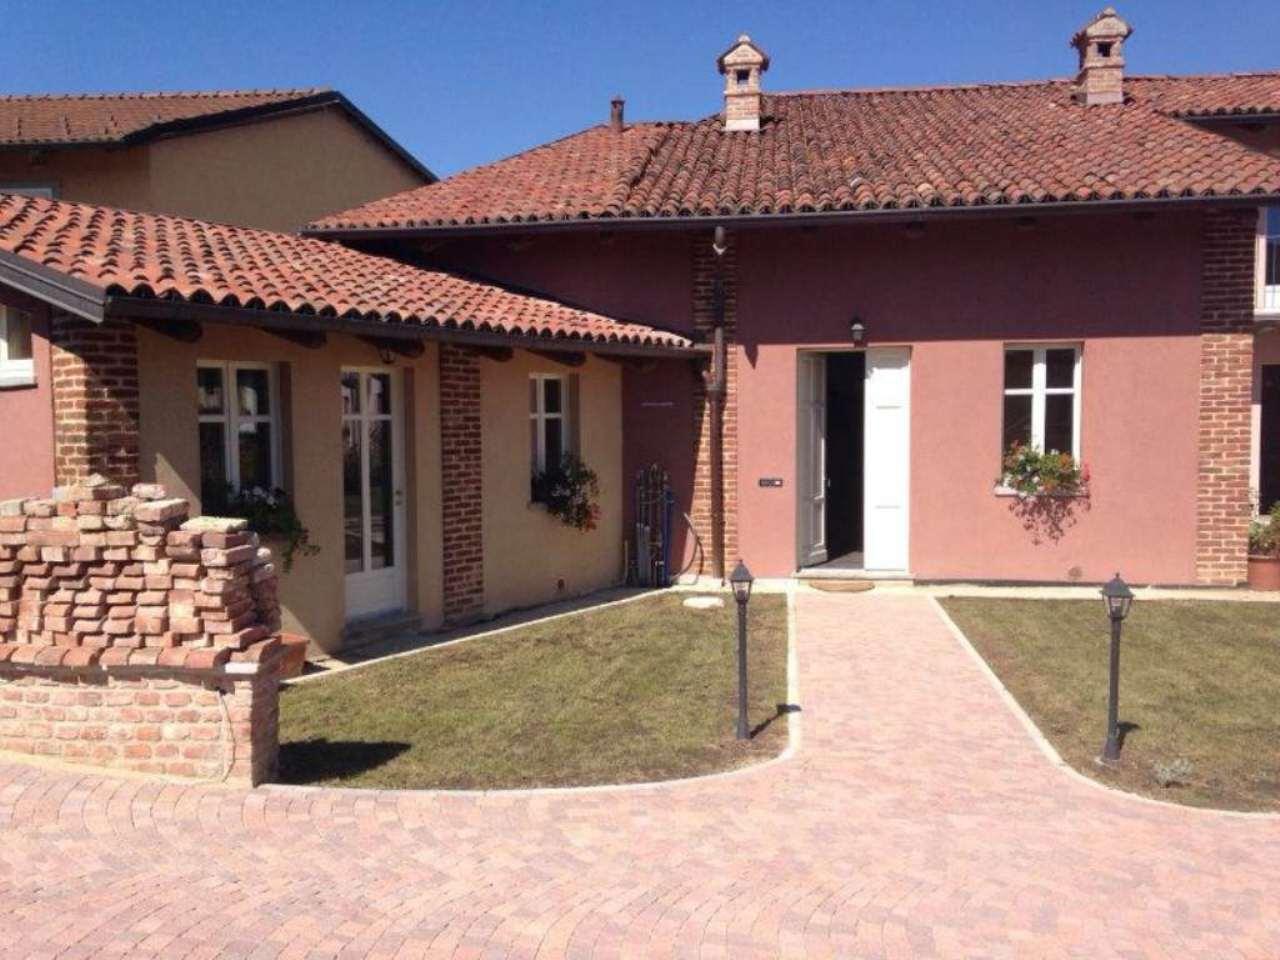 Villa a Schiera in vendita a Moriondo Torinese, 4 locali, prezzo € 230.000 | CambioCasa.it